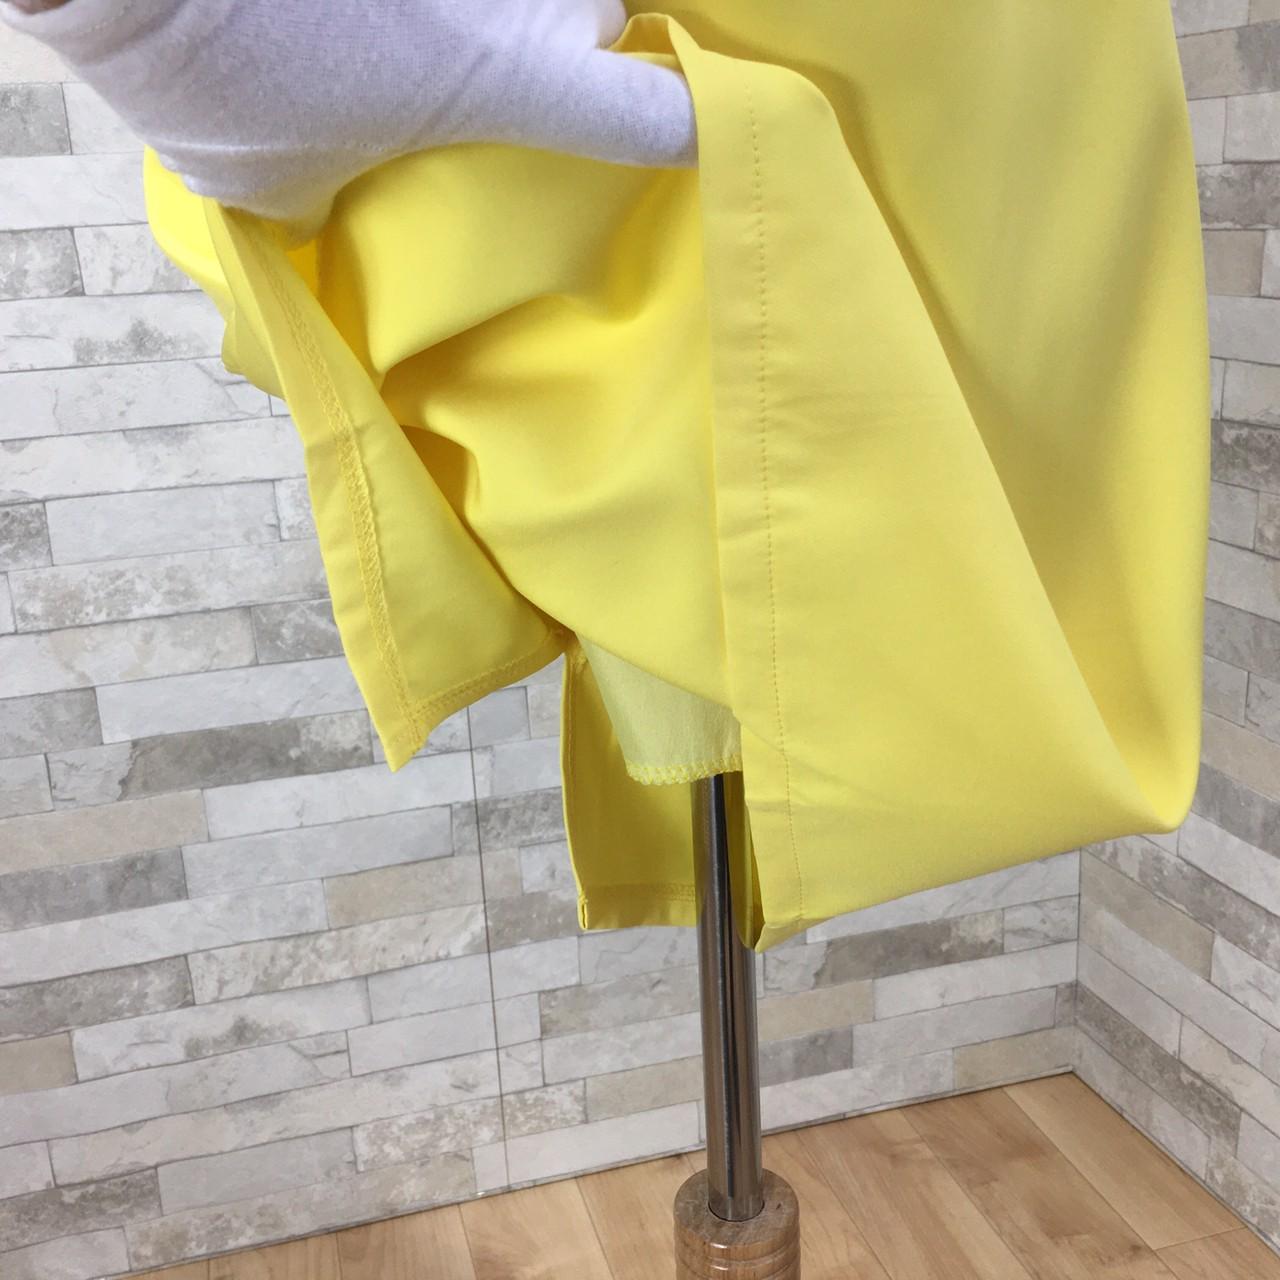 韓国 ファッション ワンピース パーティードレス ショート ミニ丈 夏 春 パーティー ブライダル PTXH937 結婚式 お呼ばれ キレイ色 ベーシックデザイン 着回し シ 二次会 セレブ きれいめの写真8枚目